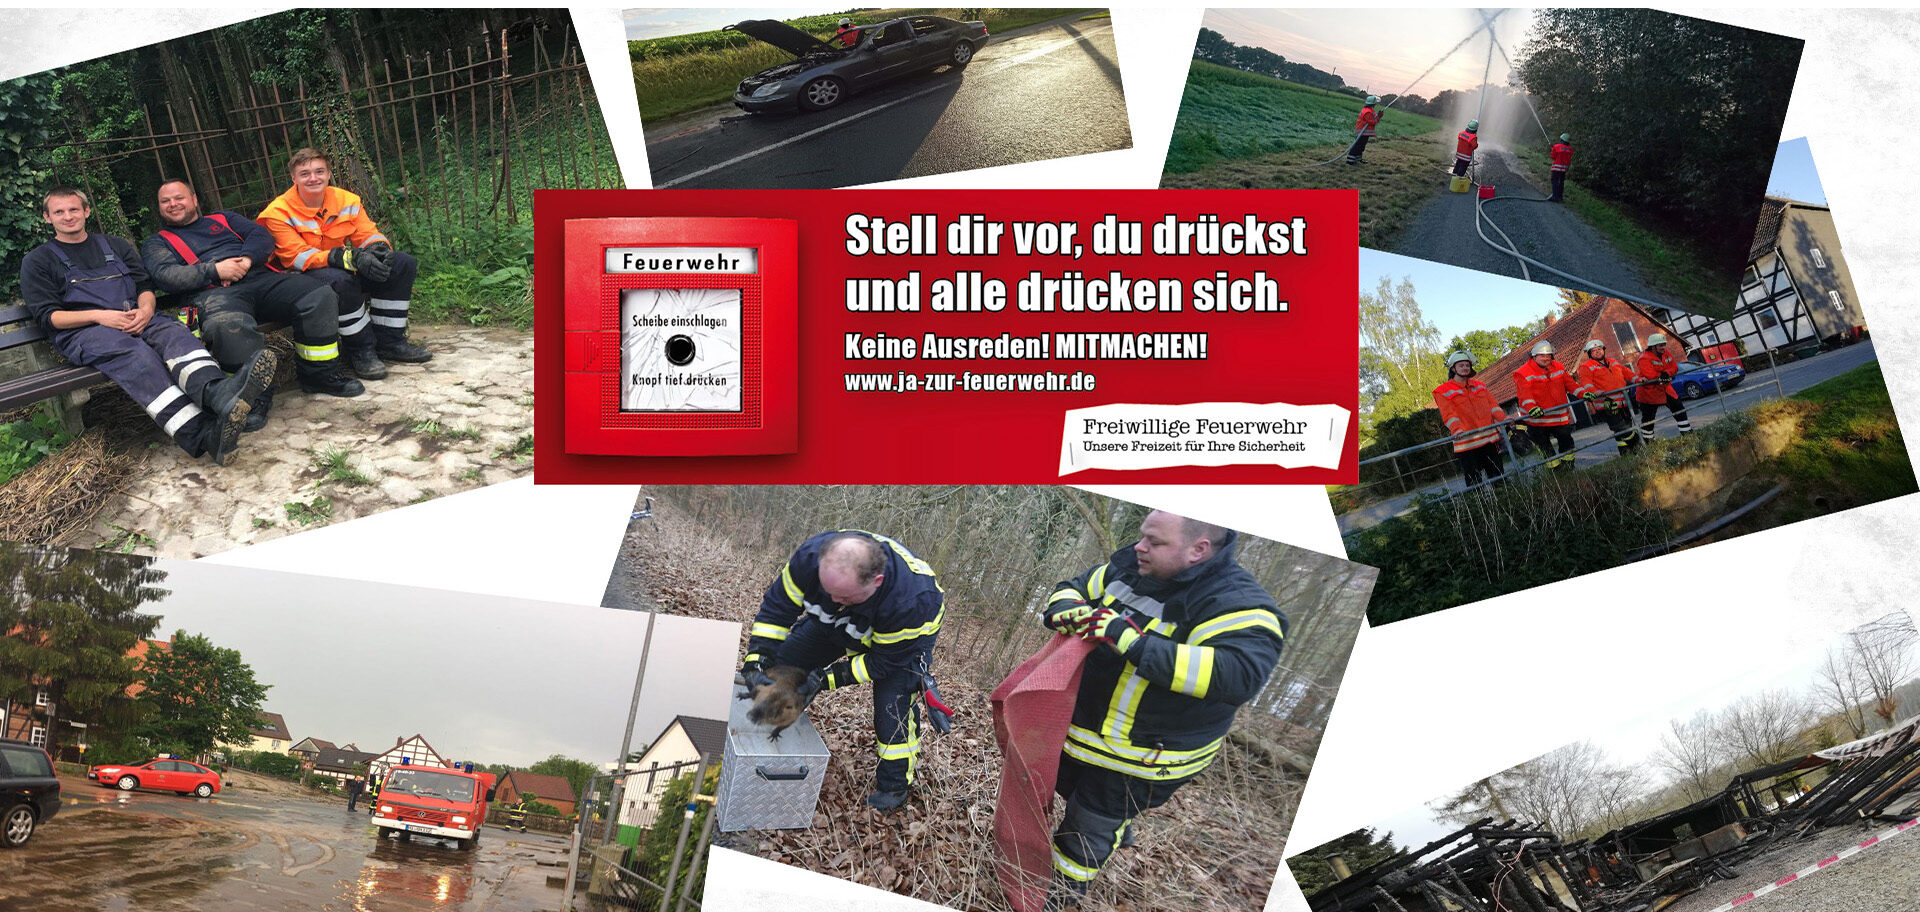 FFW Freiwillige Feuerwehr Derneburg Astenbeck Gemeinde Holle